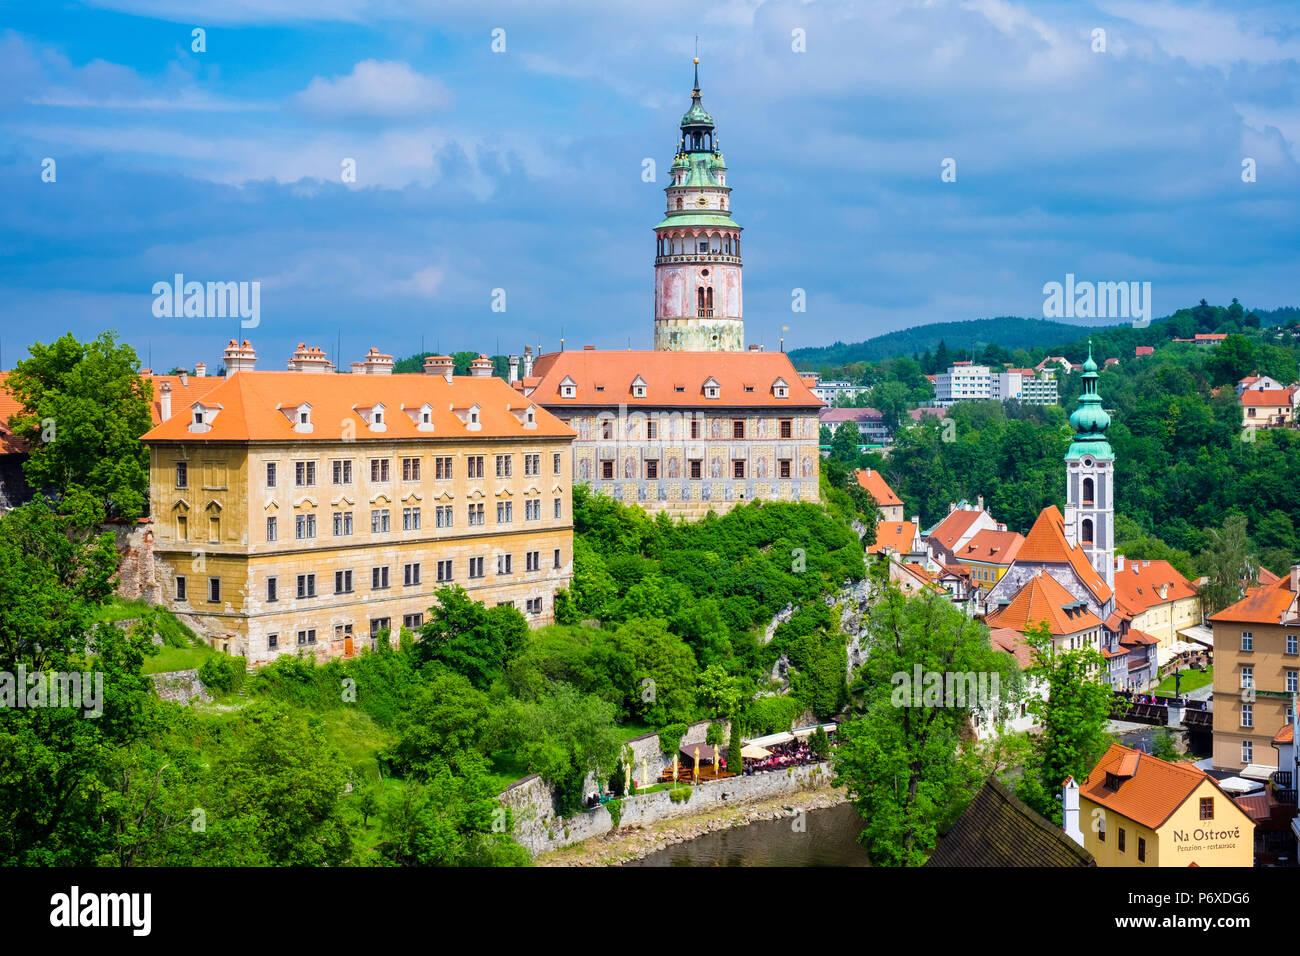 Czech Republic, South Bohemian Region, Cesky Krumlov. Cesky Krumlov Castle on the Vltava River. - Stock Image